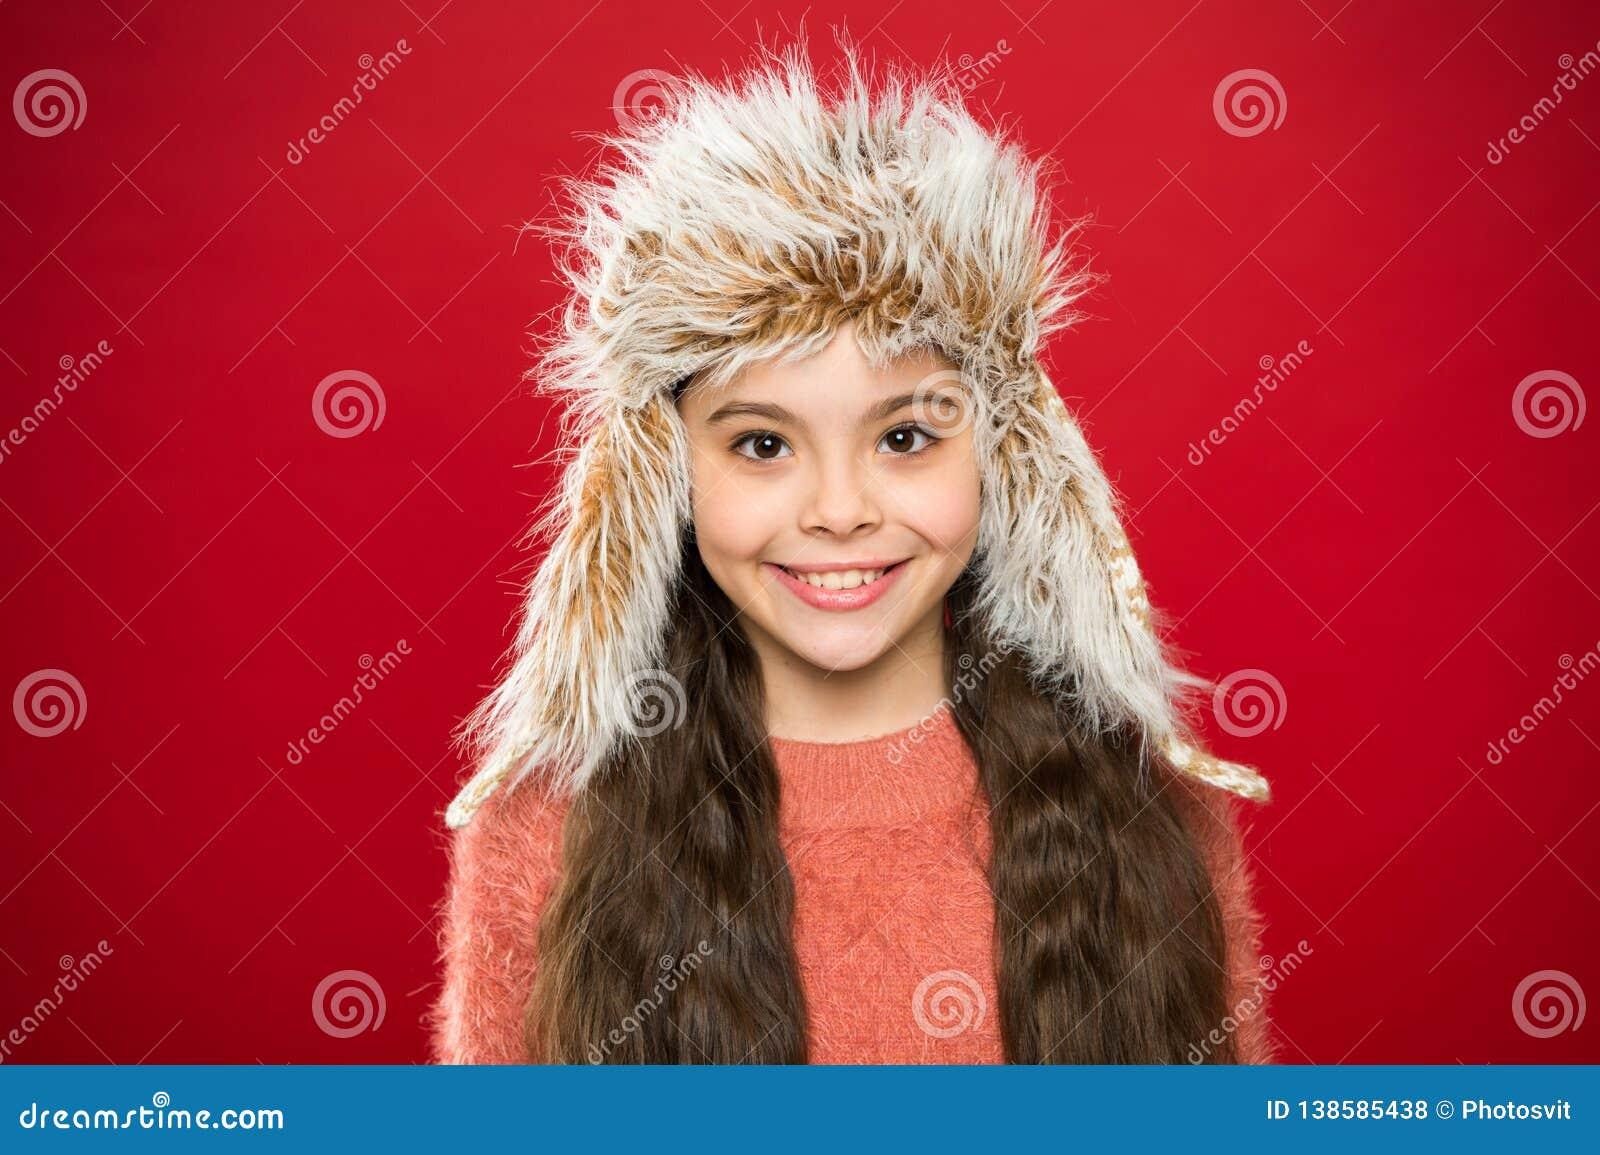 Accessorio simile a pelliccia molle Punte per preoccuparsi per gli indumenti della pelliccia Cappello molle dei capelli lunghi de